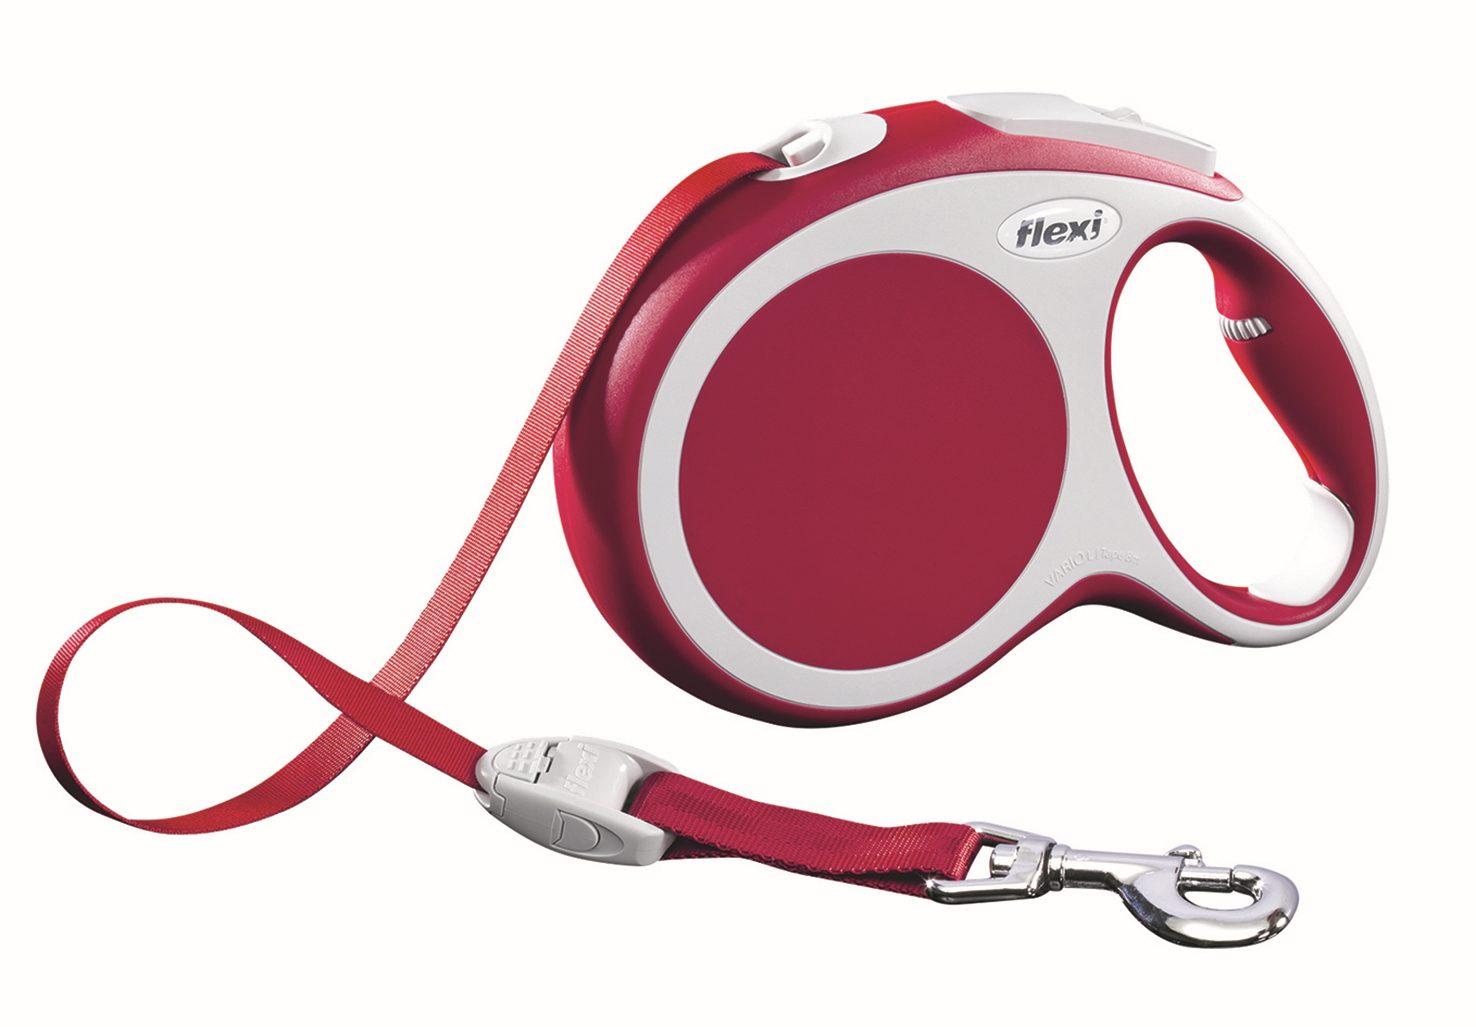 Поводок-рулетка Flexi Vario Compact L для собак до 50 кг, цвет: красный, 8 м020210Поводок-рулетка Flexi Vario Compact L изготовлен из пластика и нейлона. Подходит для собак весом до 50 кг. Ленточный поводок обеспечивает каждой собаке свободу движения, что идет на пользу здоровью и радует вашего четвероногого друга. Рулетка очень проста в использовании. Она оснащена кнопками кратковременной и постоянной фиксации. Ее можно оснастить мультибоксом для лакомств или пакетиков для сбора фекалий, LED подсветкой корпуса, своркой или ремнем с LED подсветкой. Поводок имеет прочный корпус, хромированную застежку и светоотражающие элементы. Длина поводка: 8 м. Максимальная нагрузка: 50 кг. Товар сертифицирован.